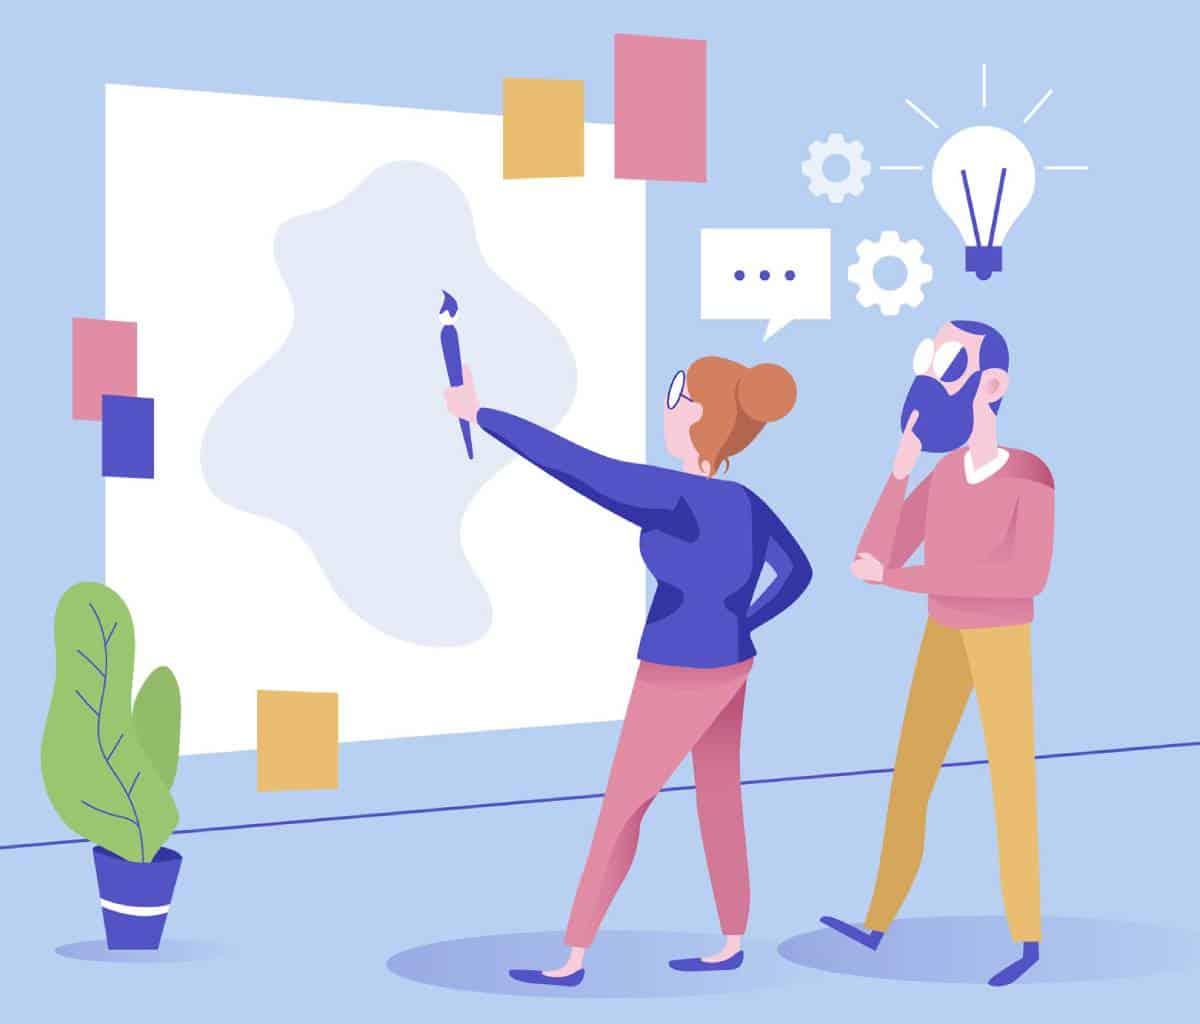 עיצוב לוגו לעסק - ואיך תנהלו את התהליך בהצלחה